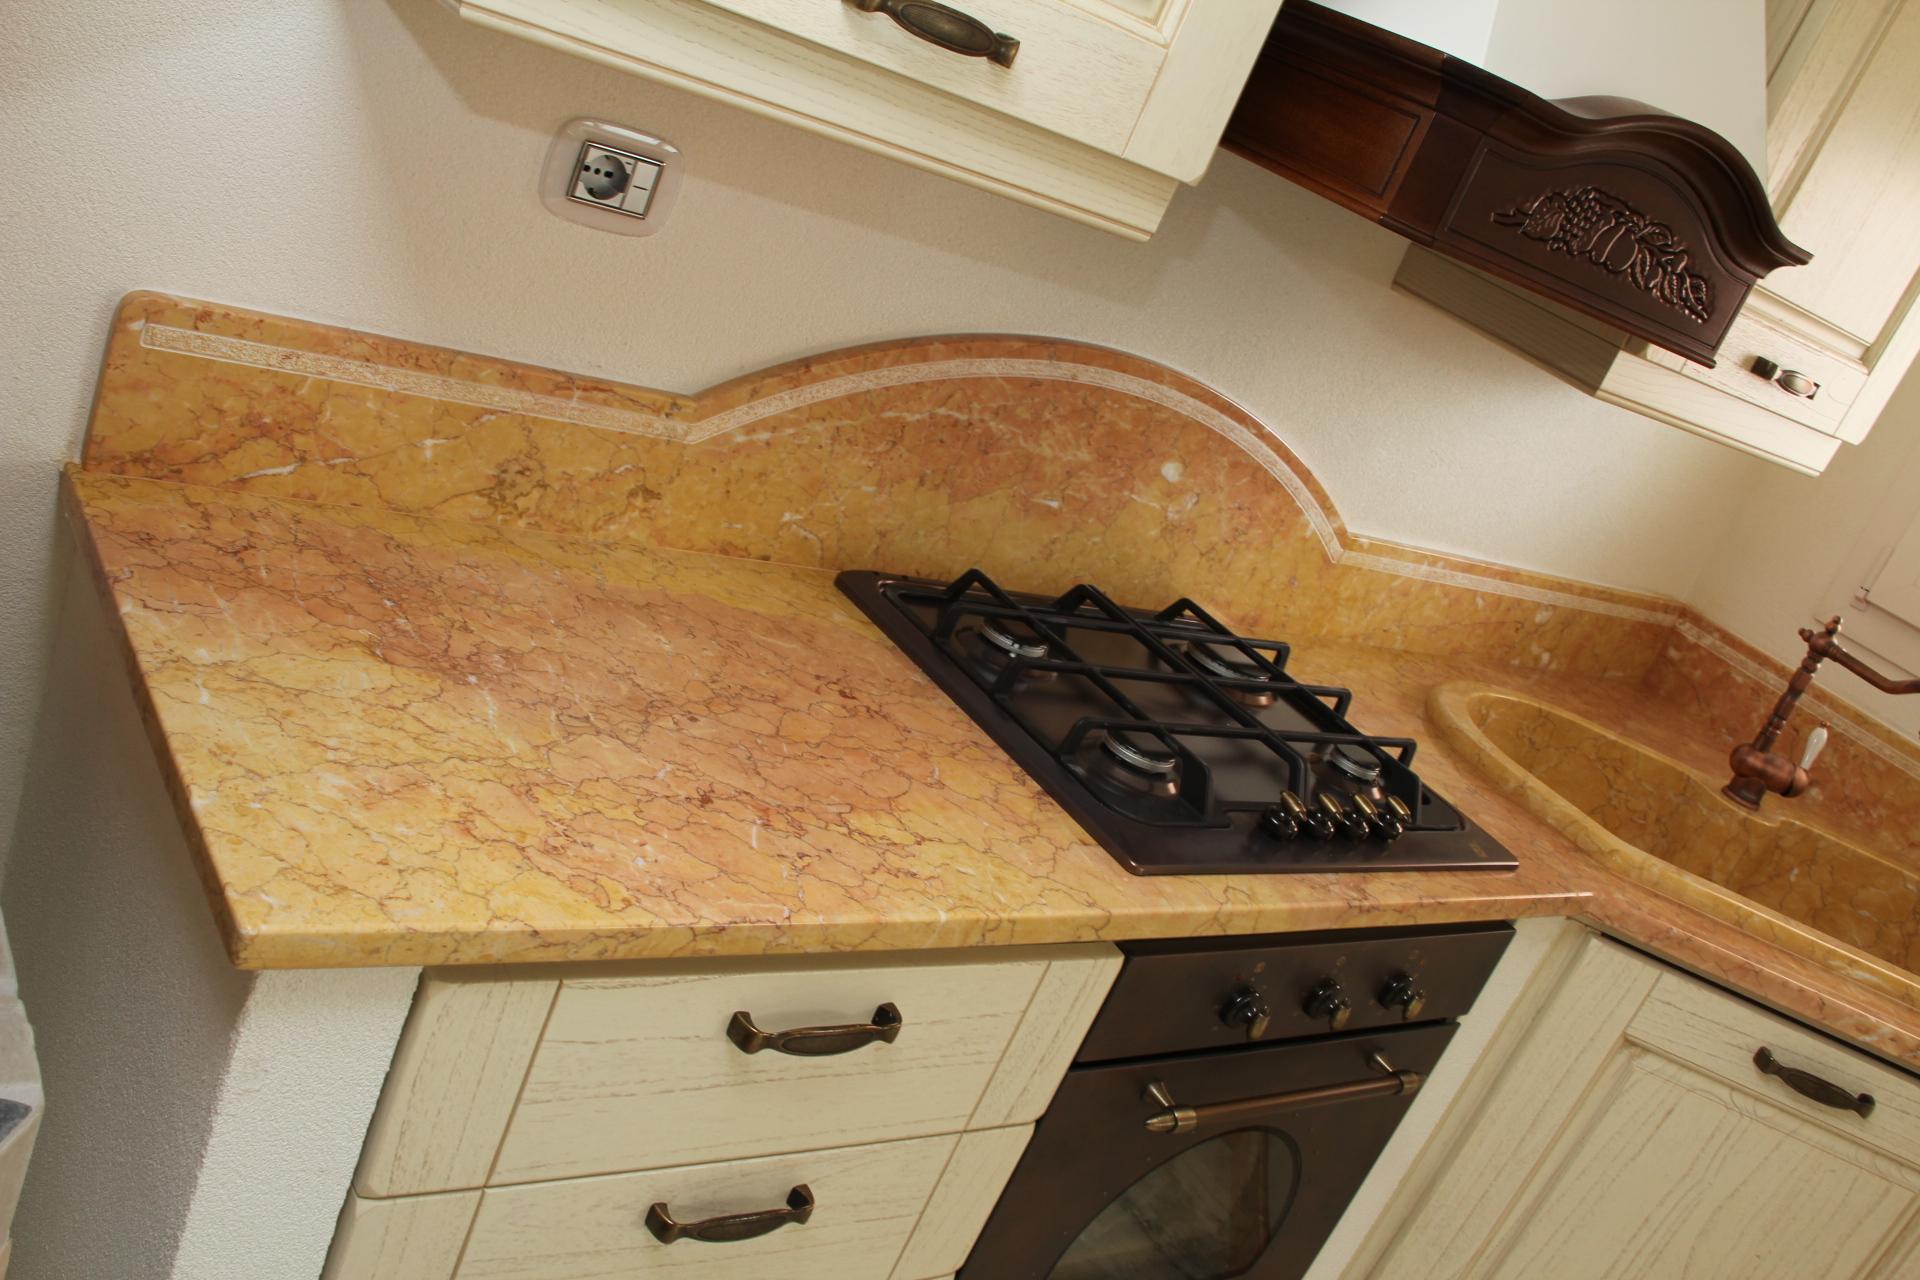 Foto piani di cucina in marmo e pietra vendute a prezzi affare for Piani di cucina